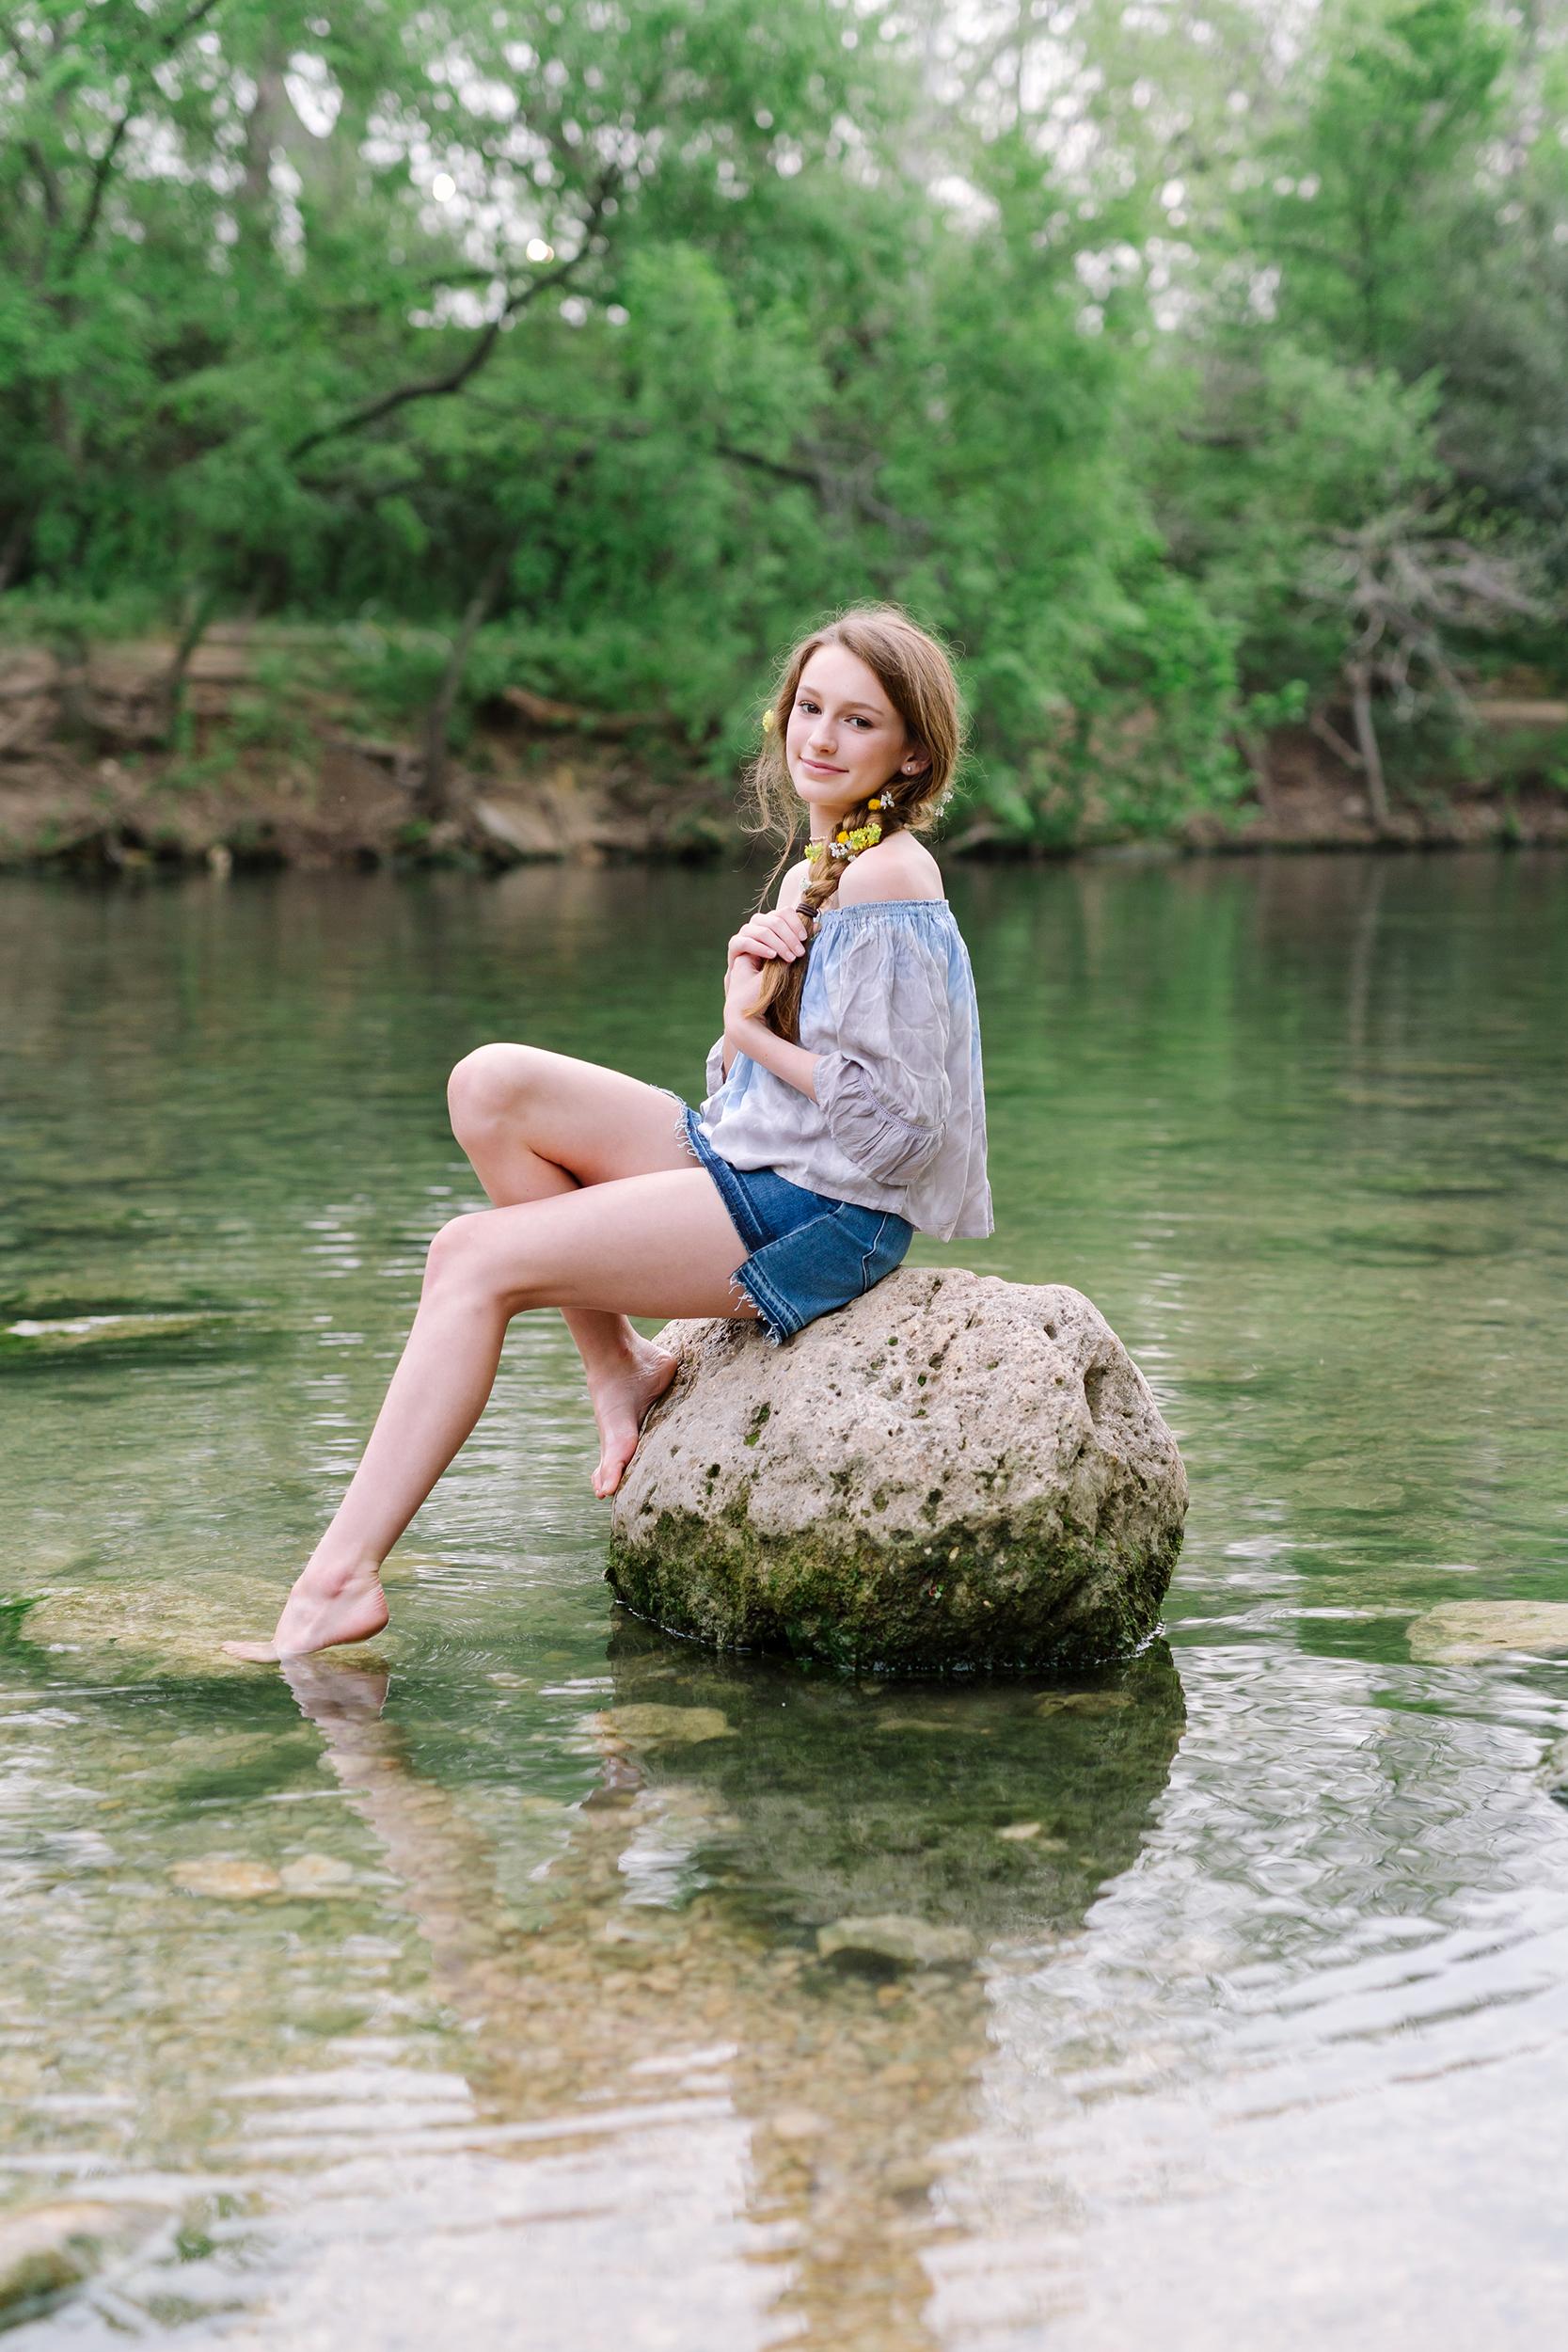 Austin_Teen_Beauty_Photogrpaher_Evie_KBP11.jpg